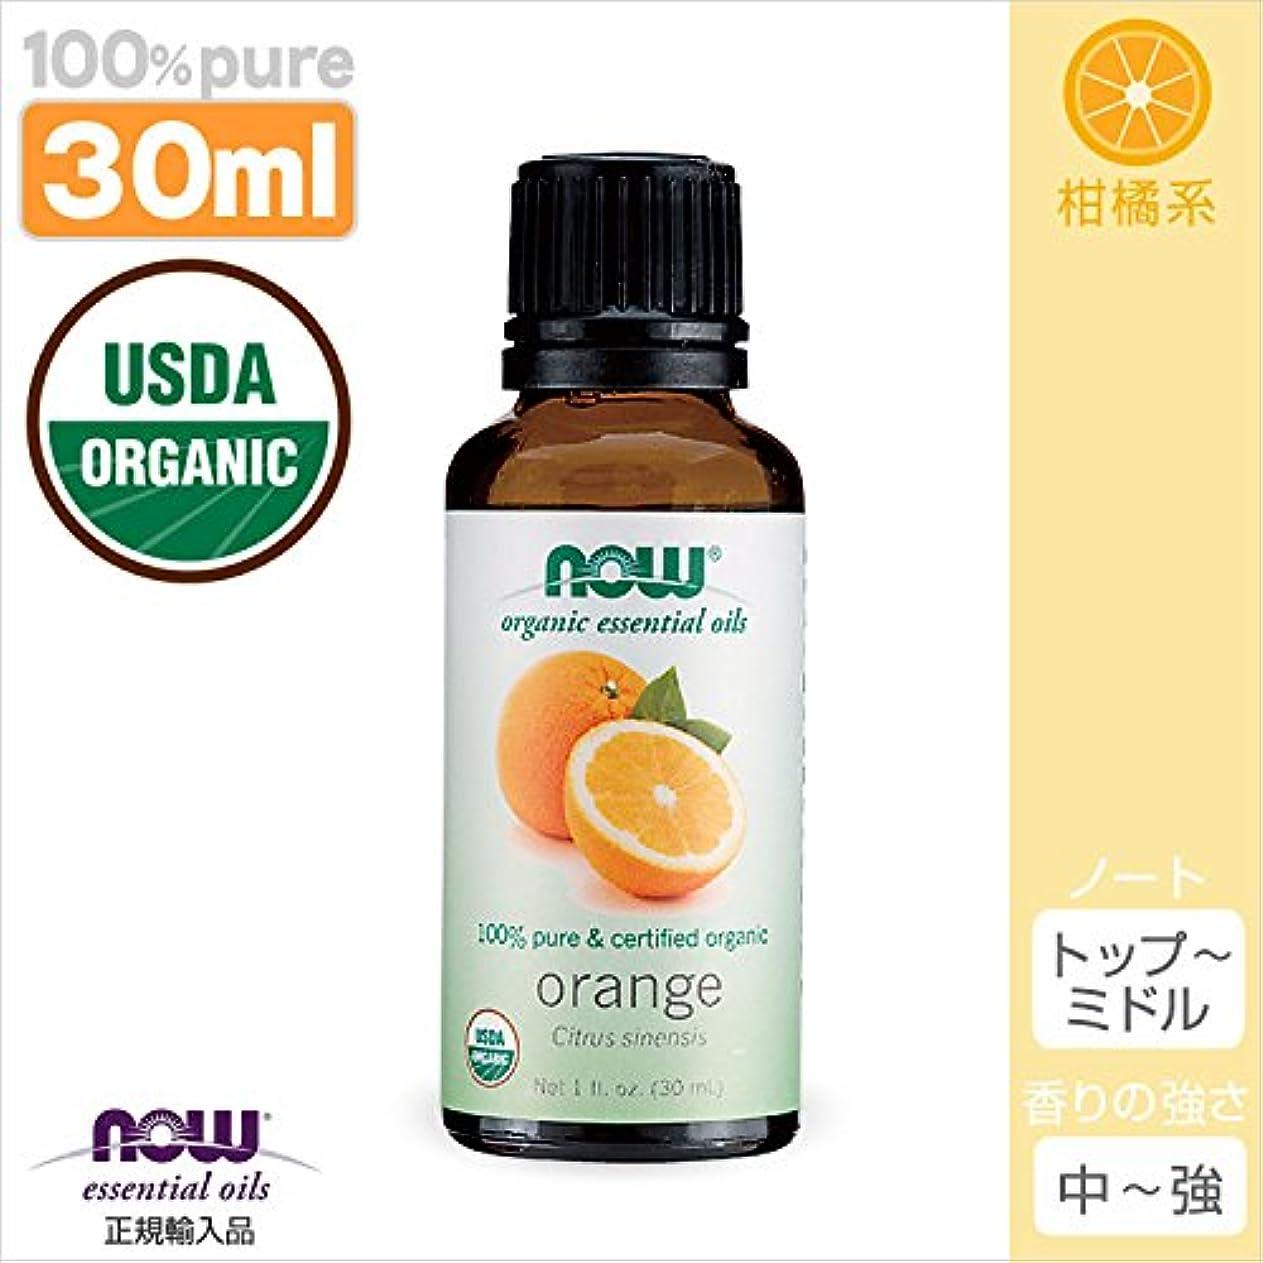 統合中級悪質なオレンジ精油オーガニック[30ml] 【正規輸入品】 NOWエッセンシャルオイル(アロマオイル)